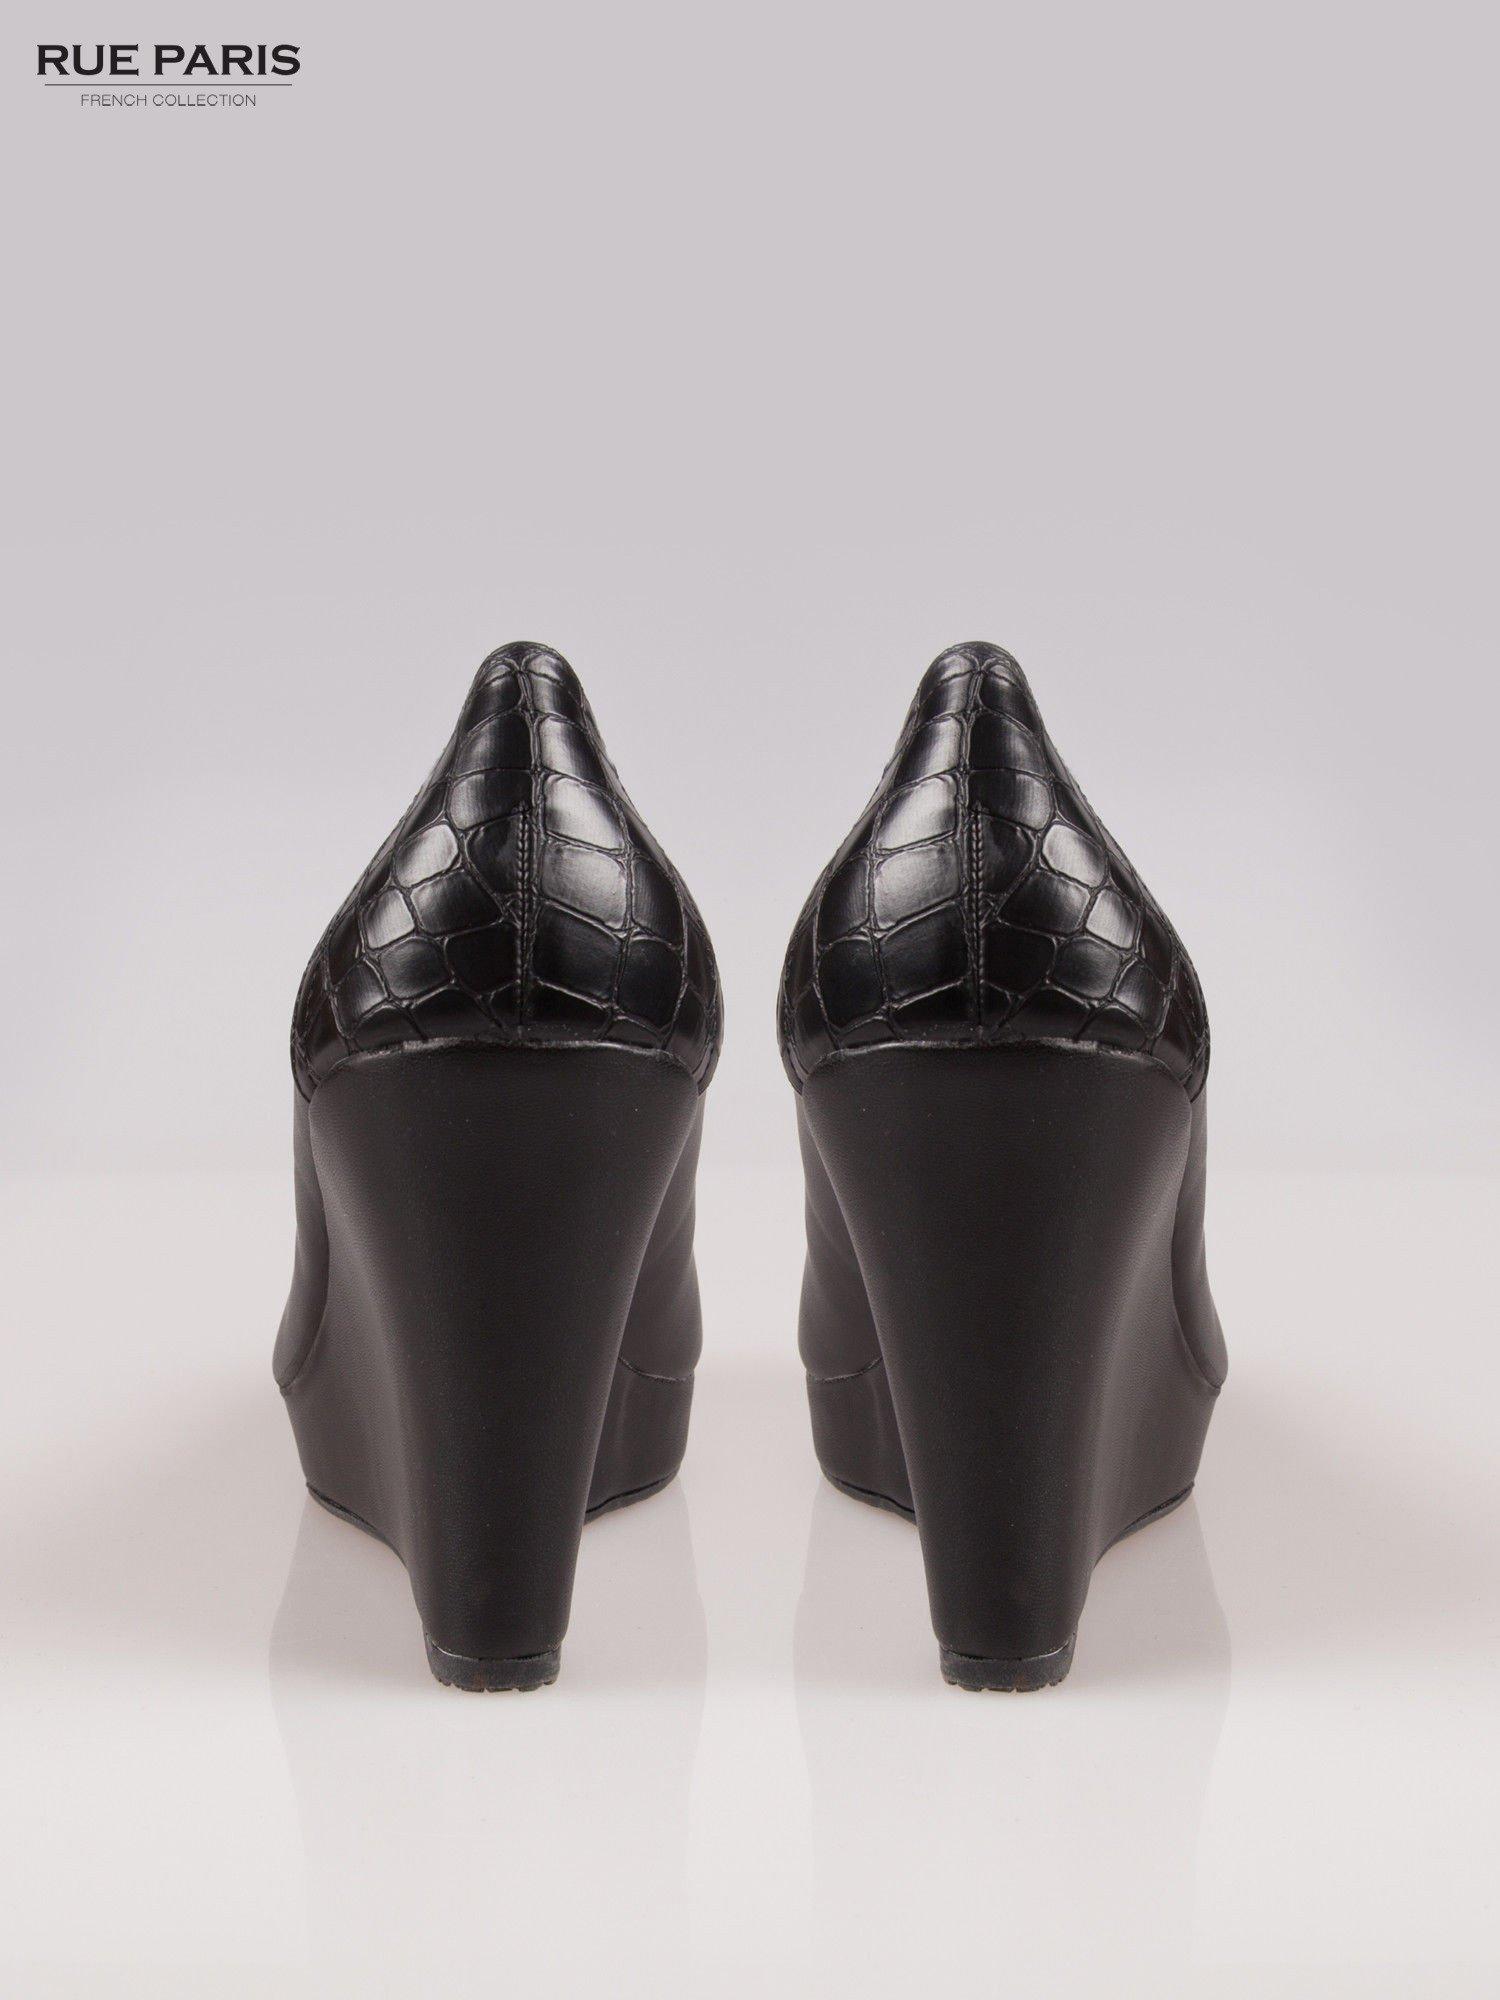 Czarne koturny faux leather Good Luck z ozdobnym tyłem ze skóry krokodyla                                  zdj.                                  3